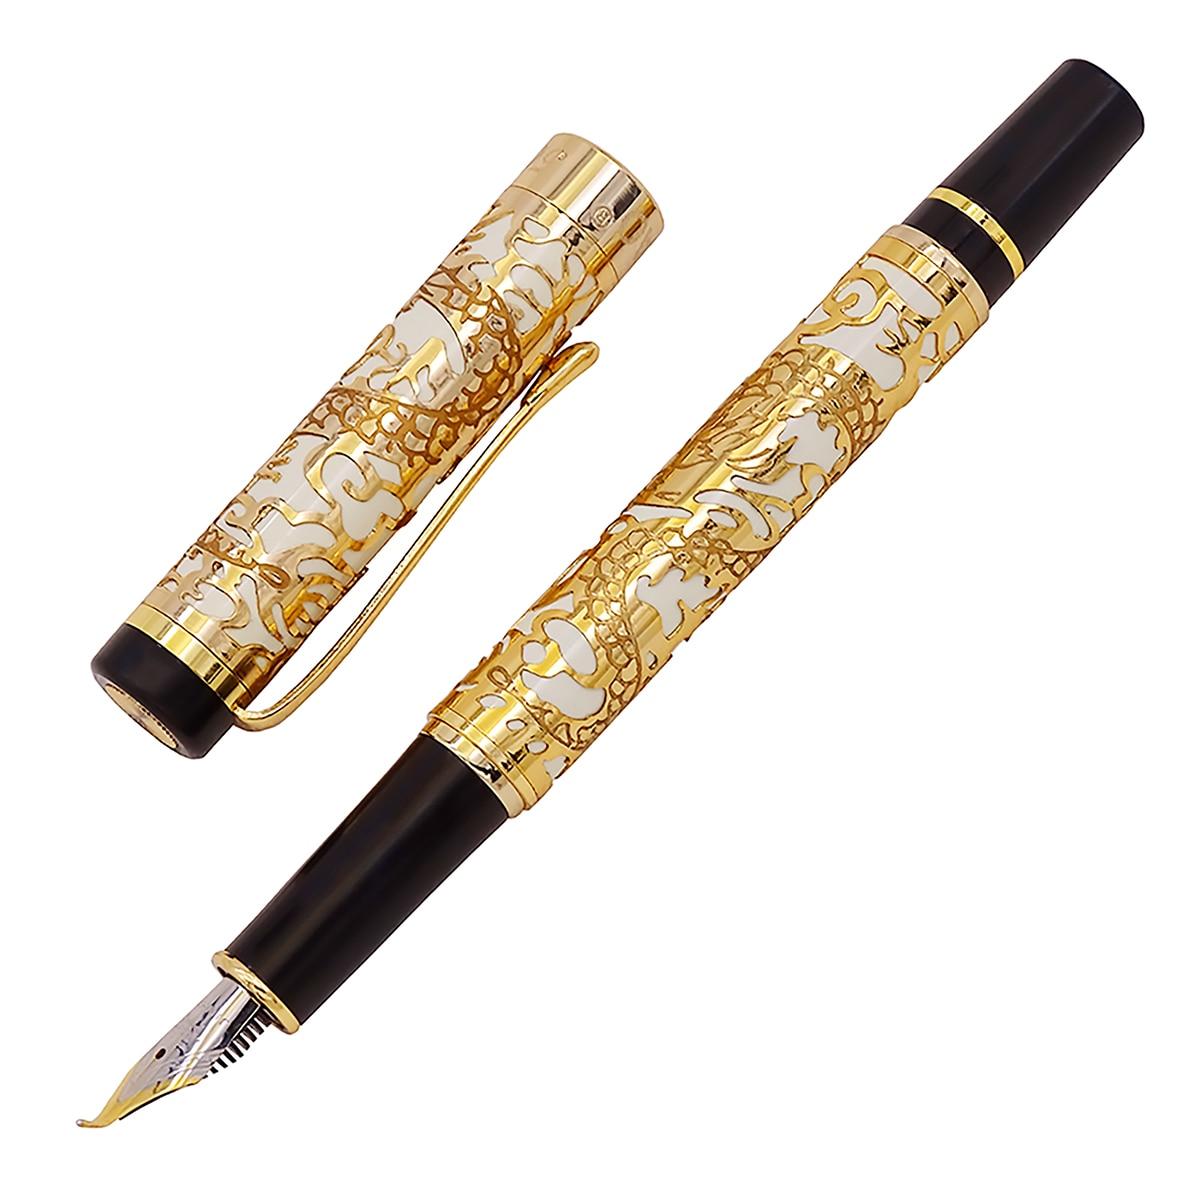 Jinhao 5000 Vintage di Lusso del Metallo Stilografica Calligrafia Penna Piegato Pennino Bella Drago Texture Intagliare, Oro & Bianco Ufficio Penna